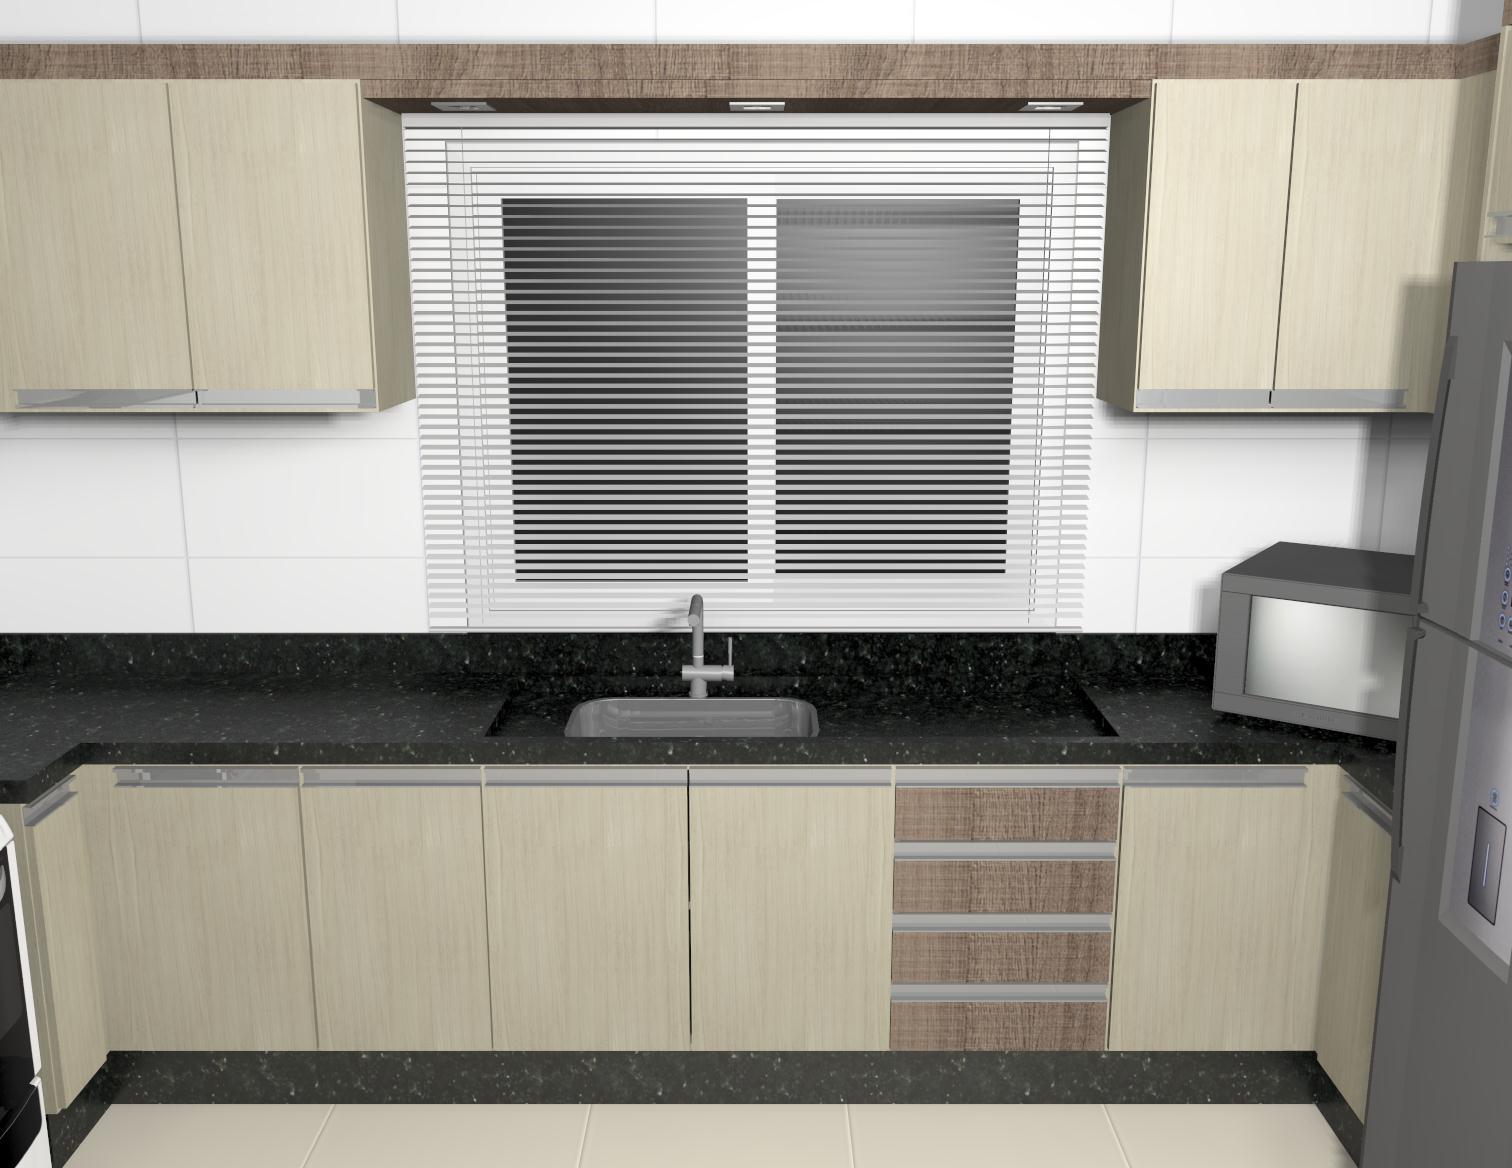 #776D54 Projeto – Cozinha planejada (07/03/2013) 1512x1168 px Projetos De Cozinhas Sob Medidas #747 imagens